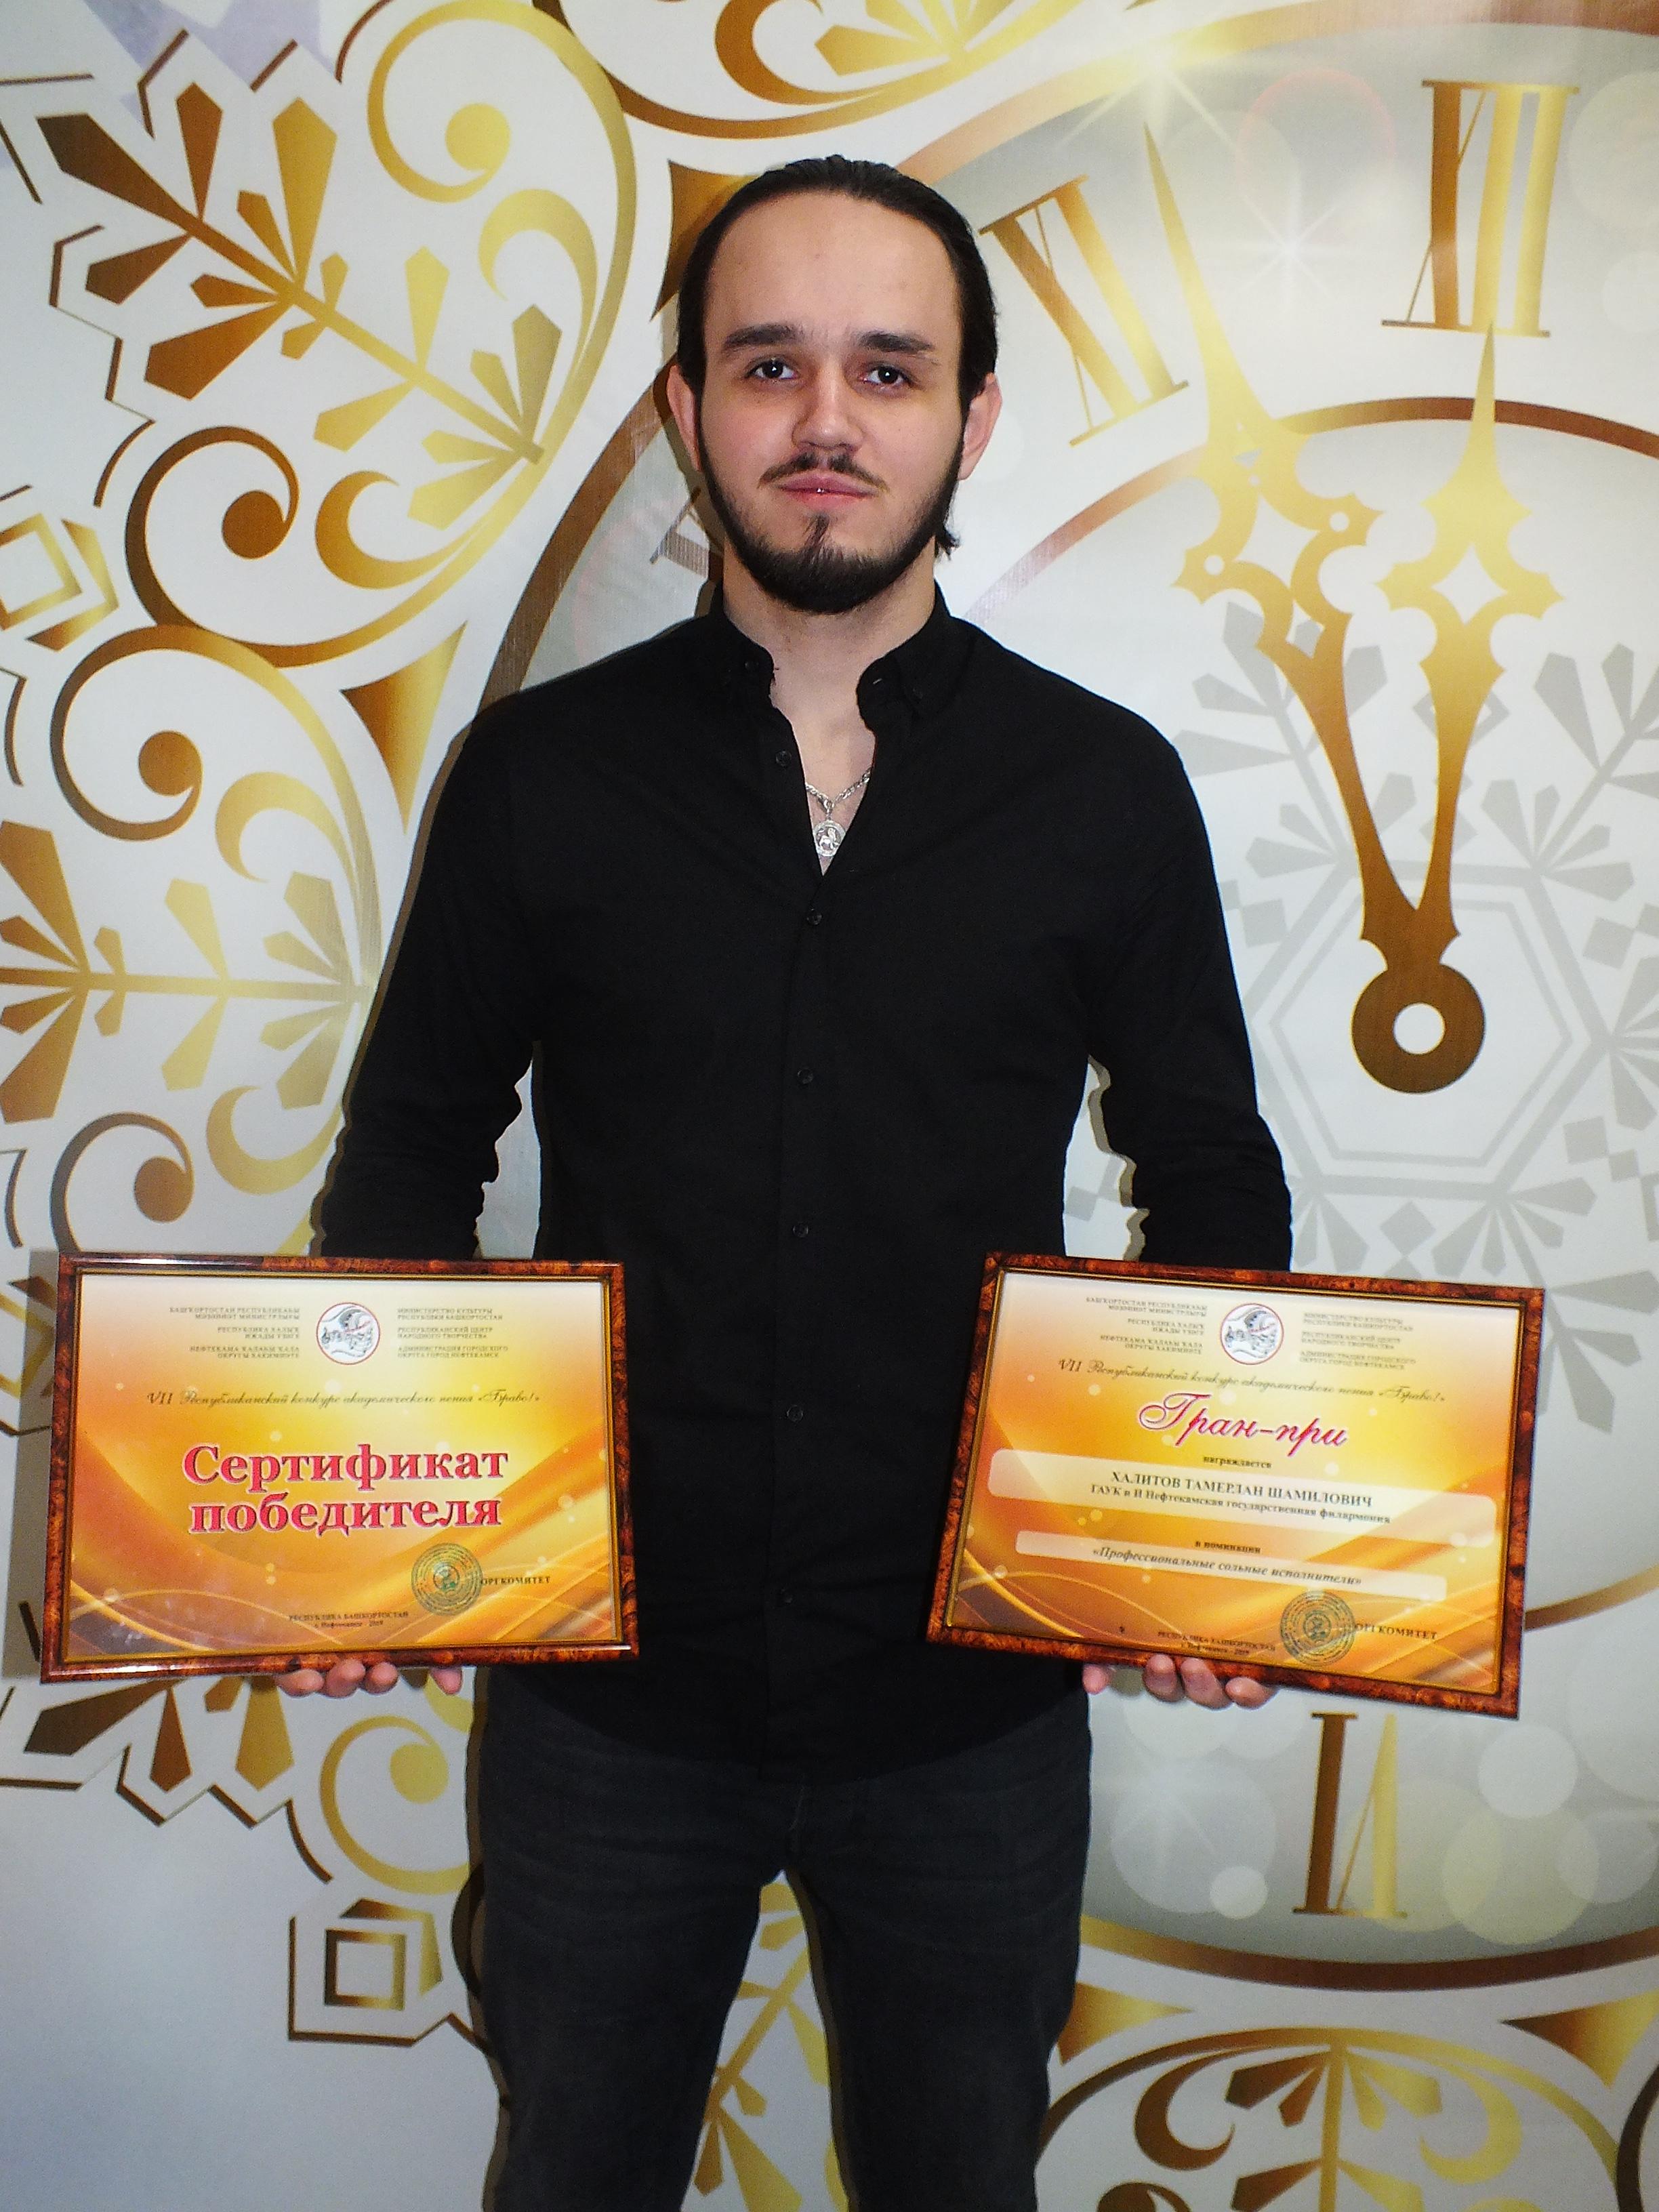 С очередной победой поздравляем нашего вокалиста Тамерлана Халитова!